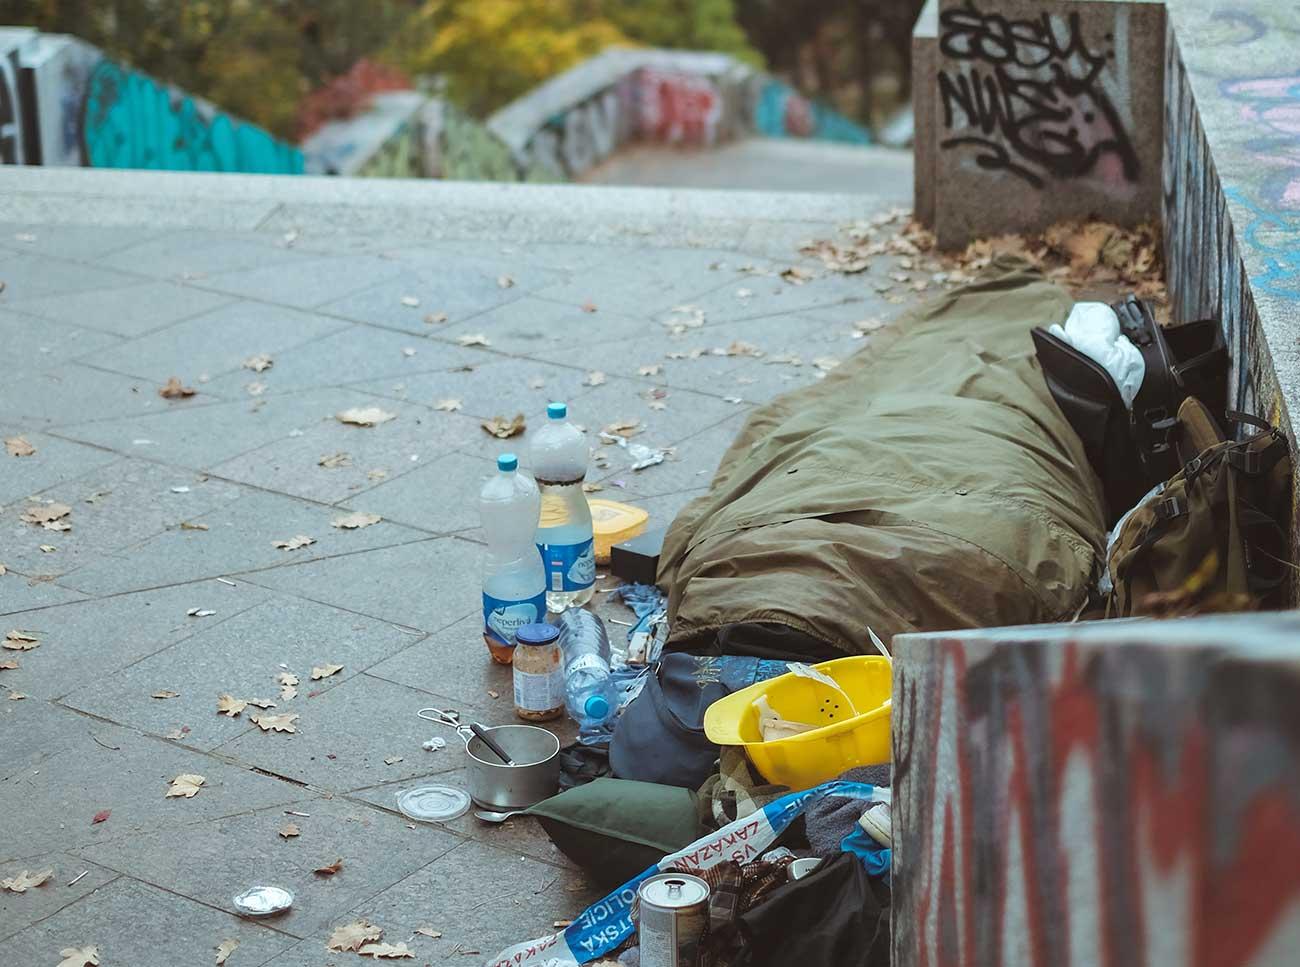 Bild –Eine obdachlose Person im Schlafsack liegend seitlich einer Treppe.